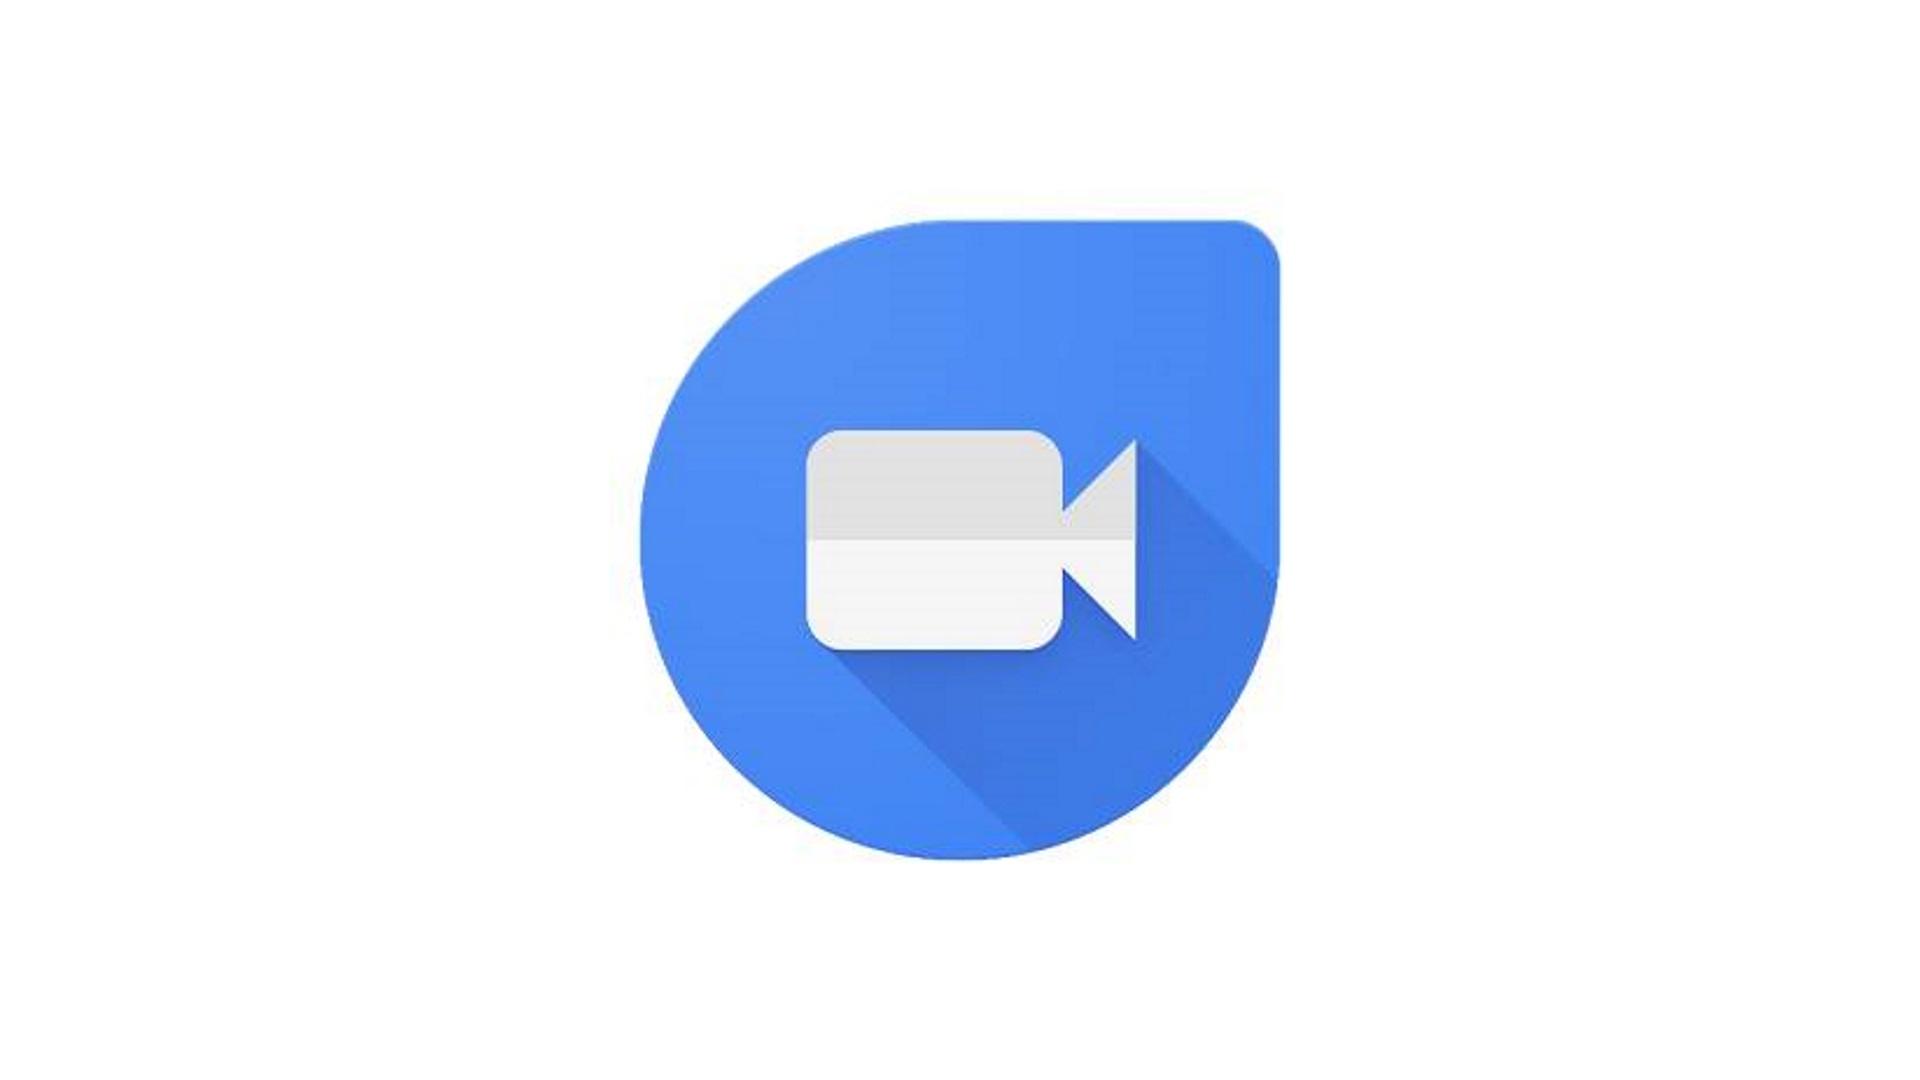 ビデオ通話アプリ「Google Duo」がv9.0で音声通話に対応!設定と注意点も合わせてご紹介